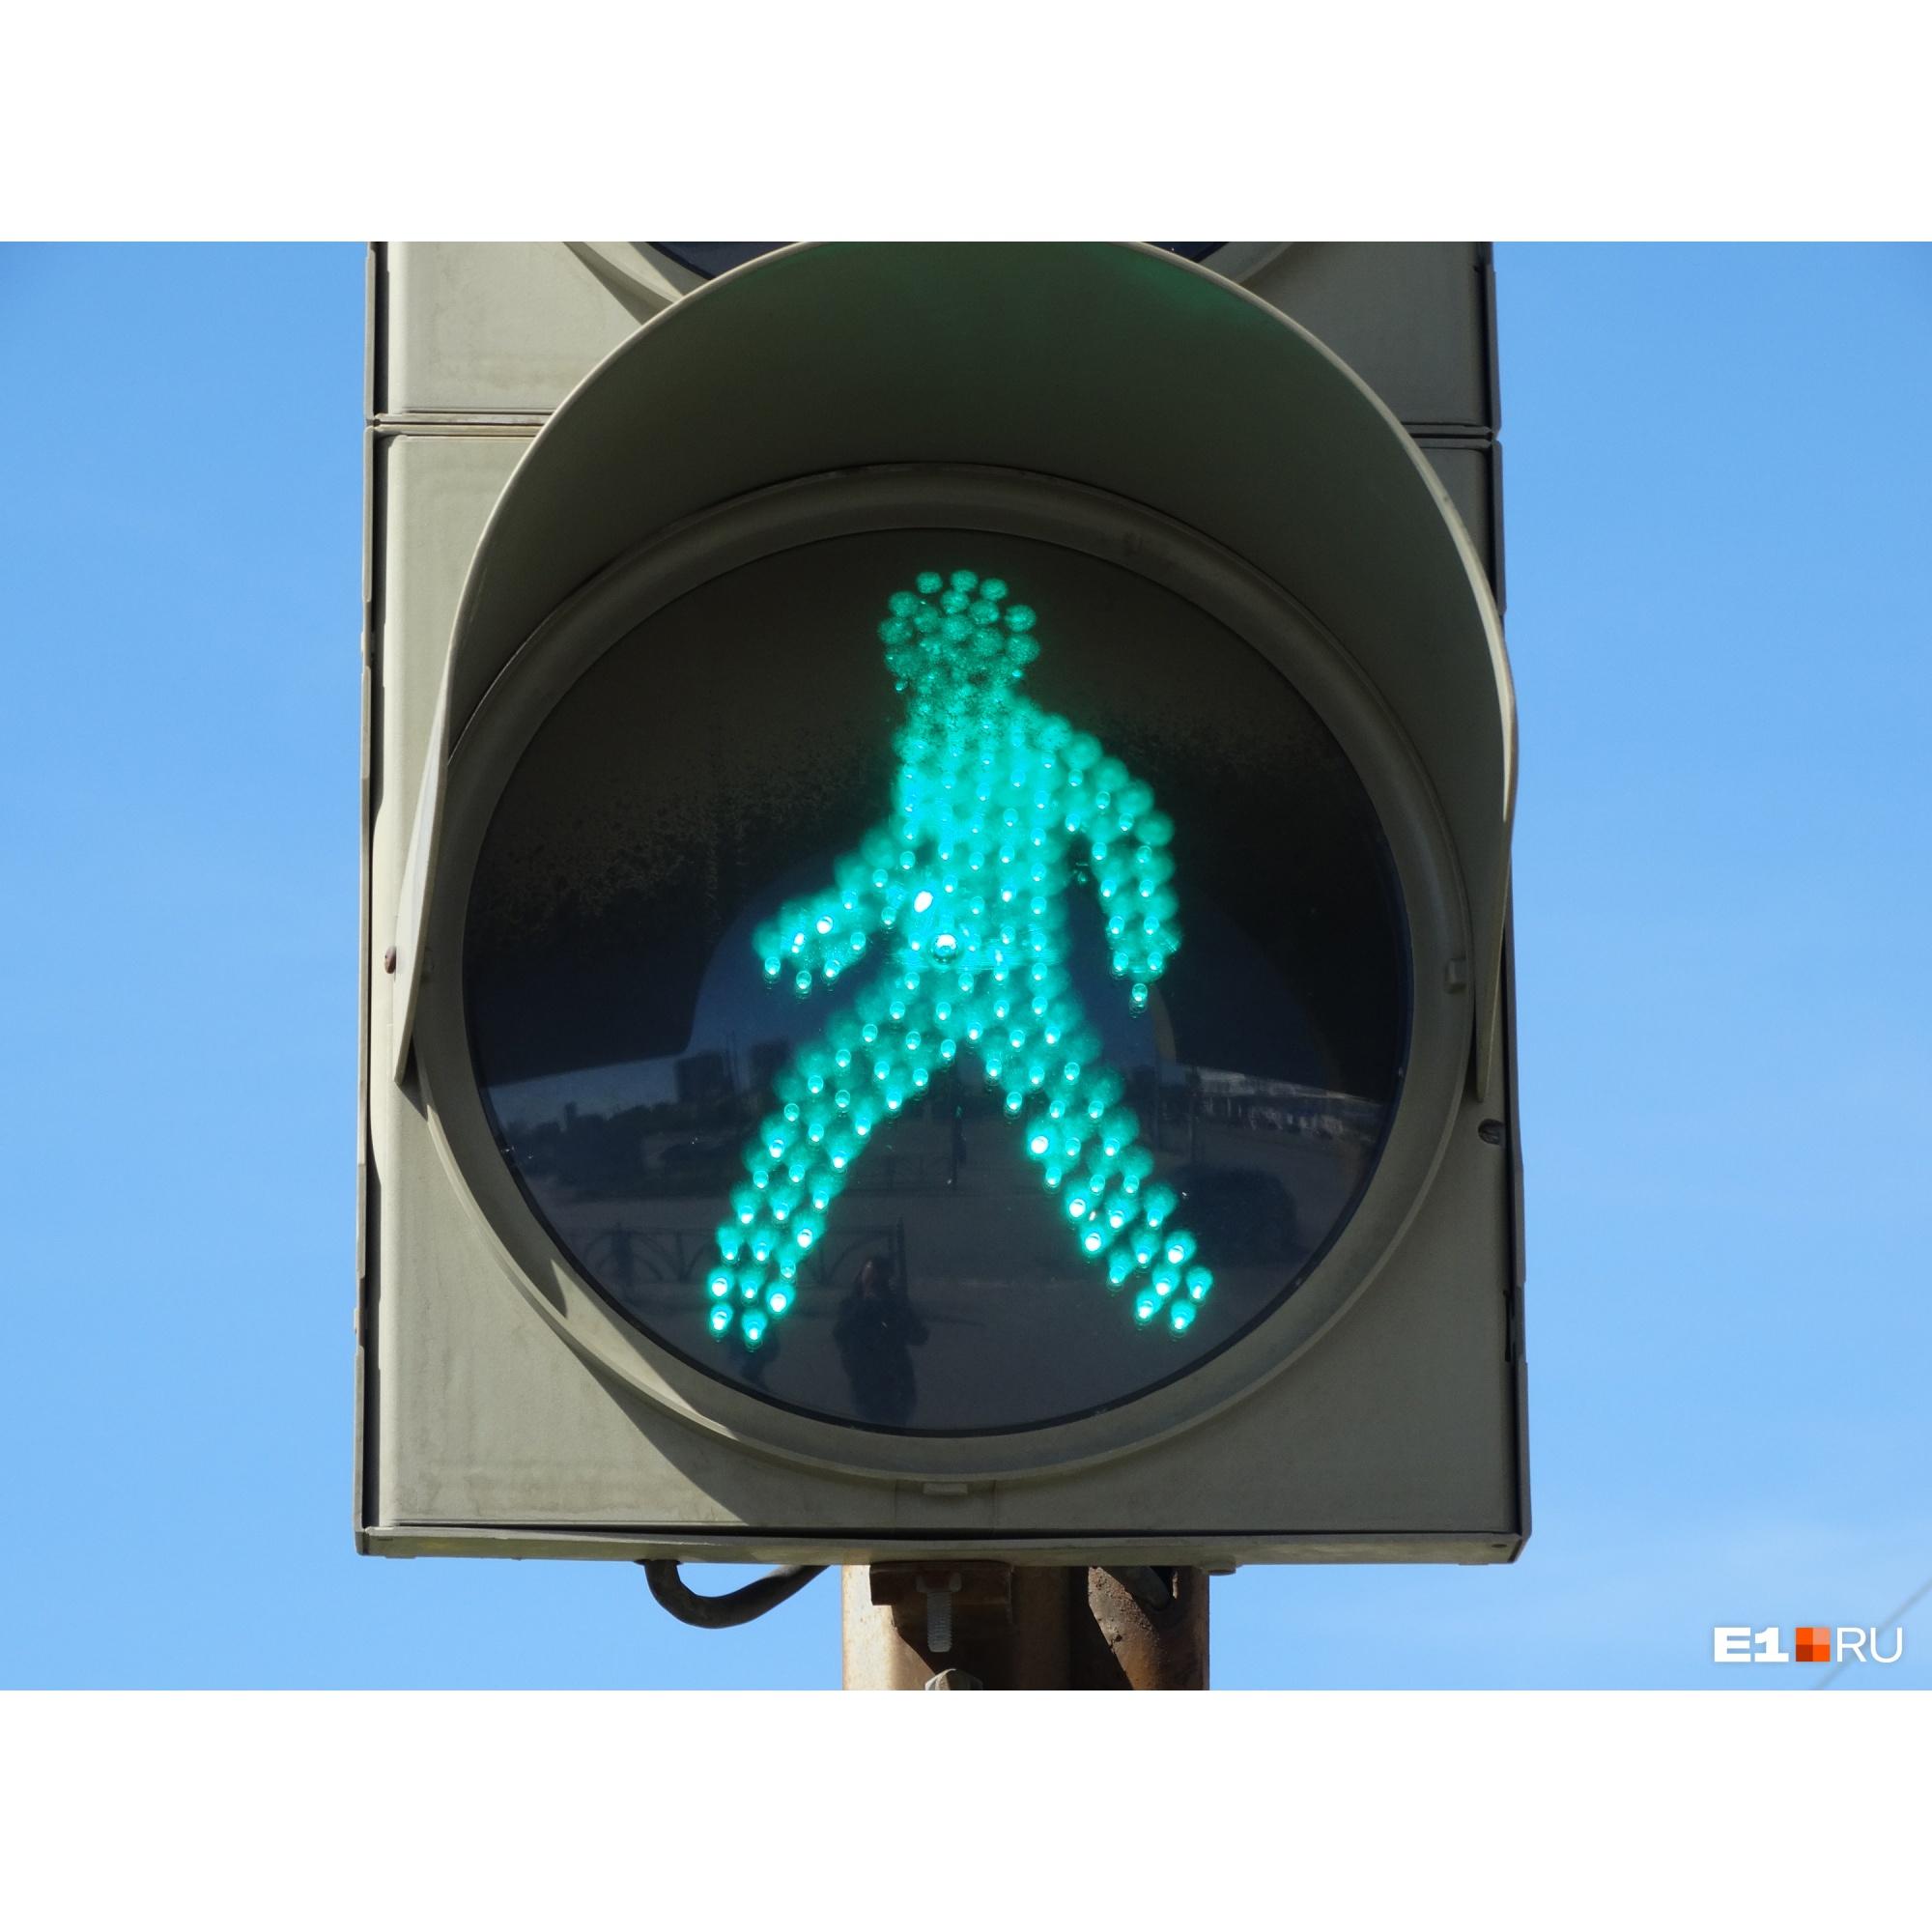 Когда пешеходные потоки не пересекаются с автомобильными— это хорошо, но водители жалуются, что теряют слишком много времени